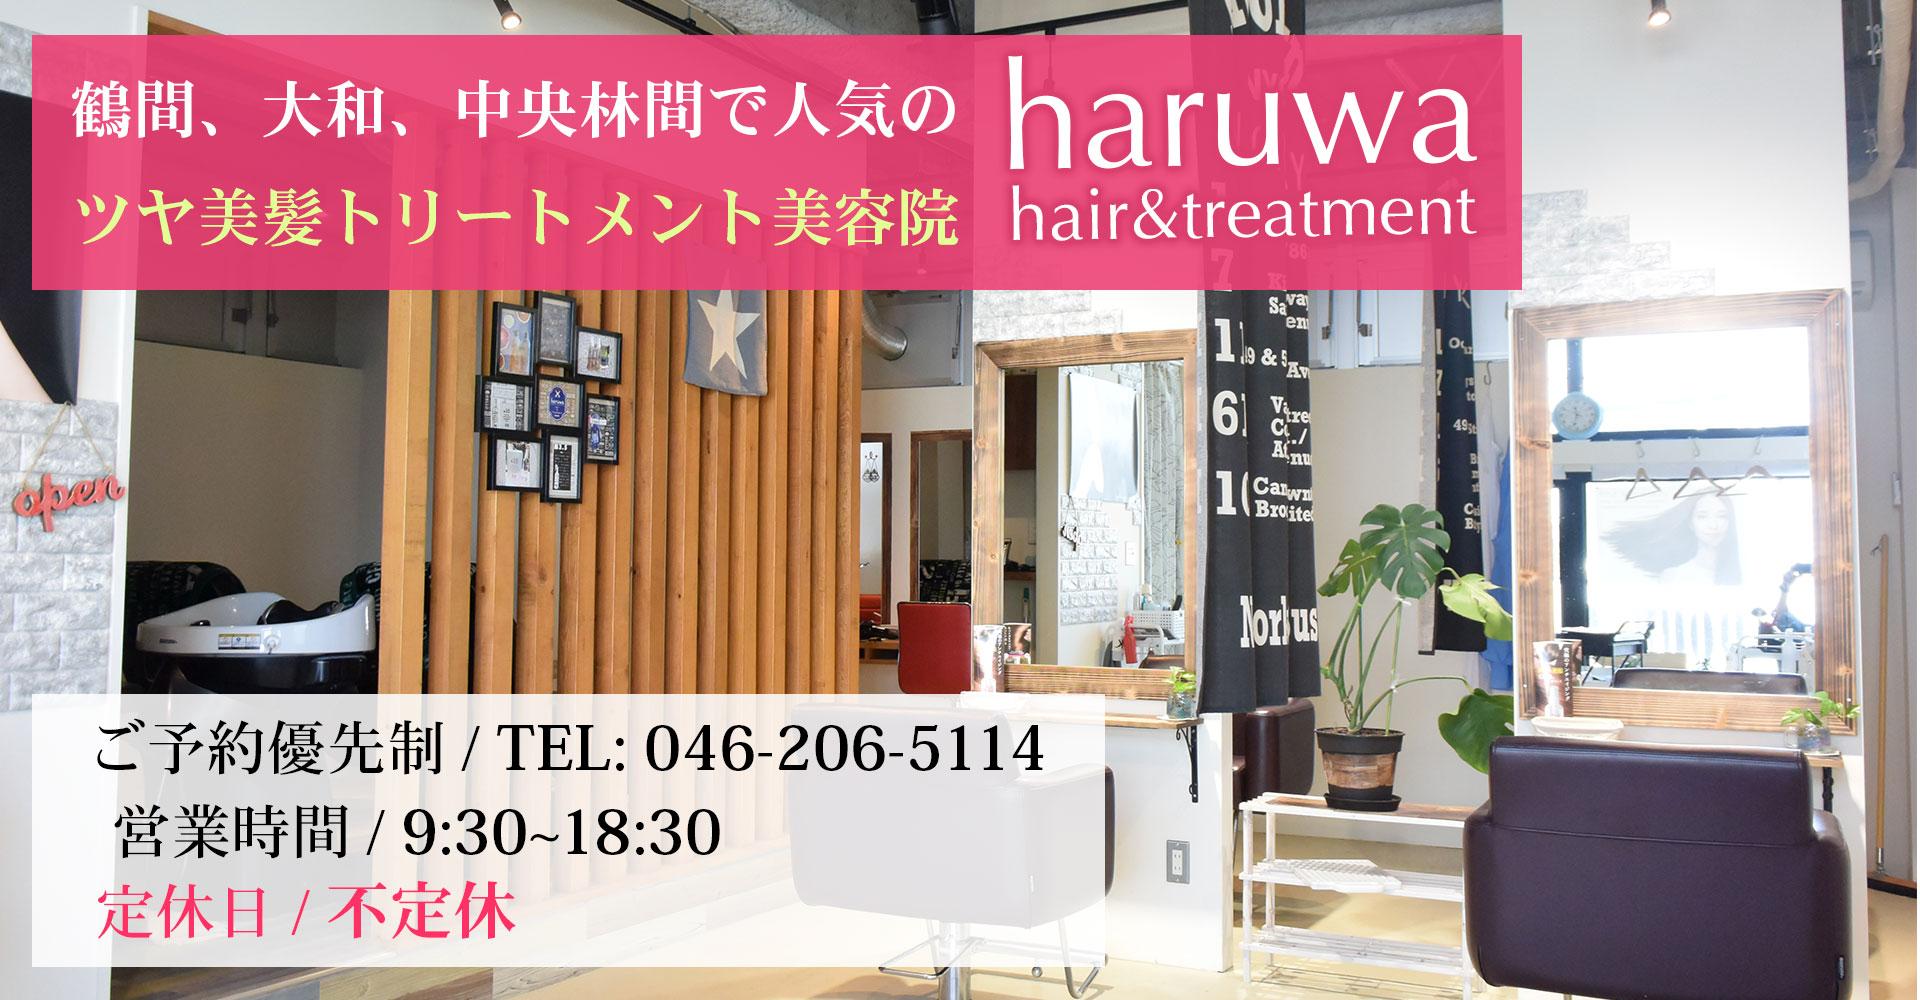 鶴間の美容院(美容室)|ハルワ ヘッダーその1